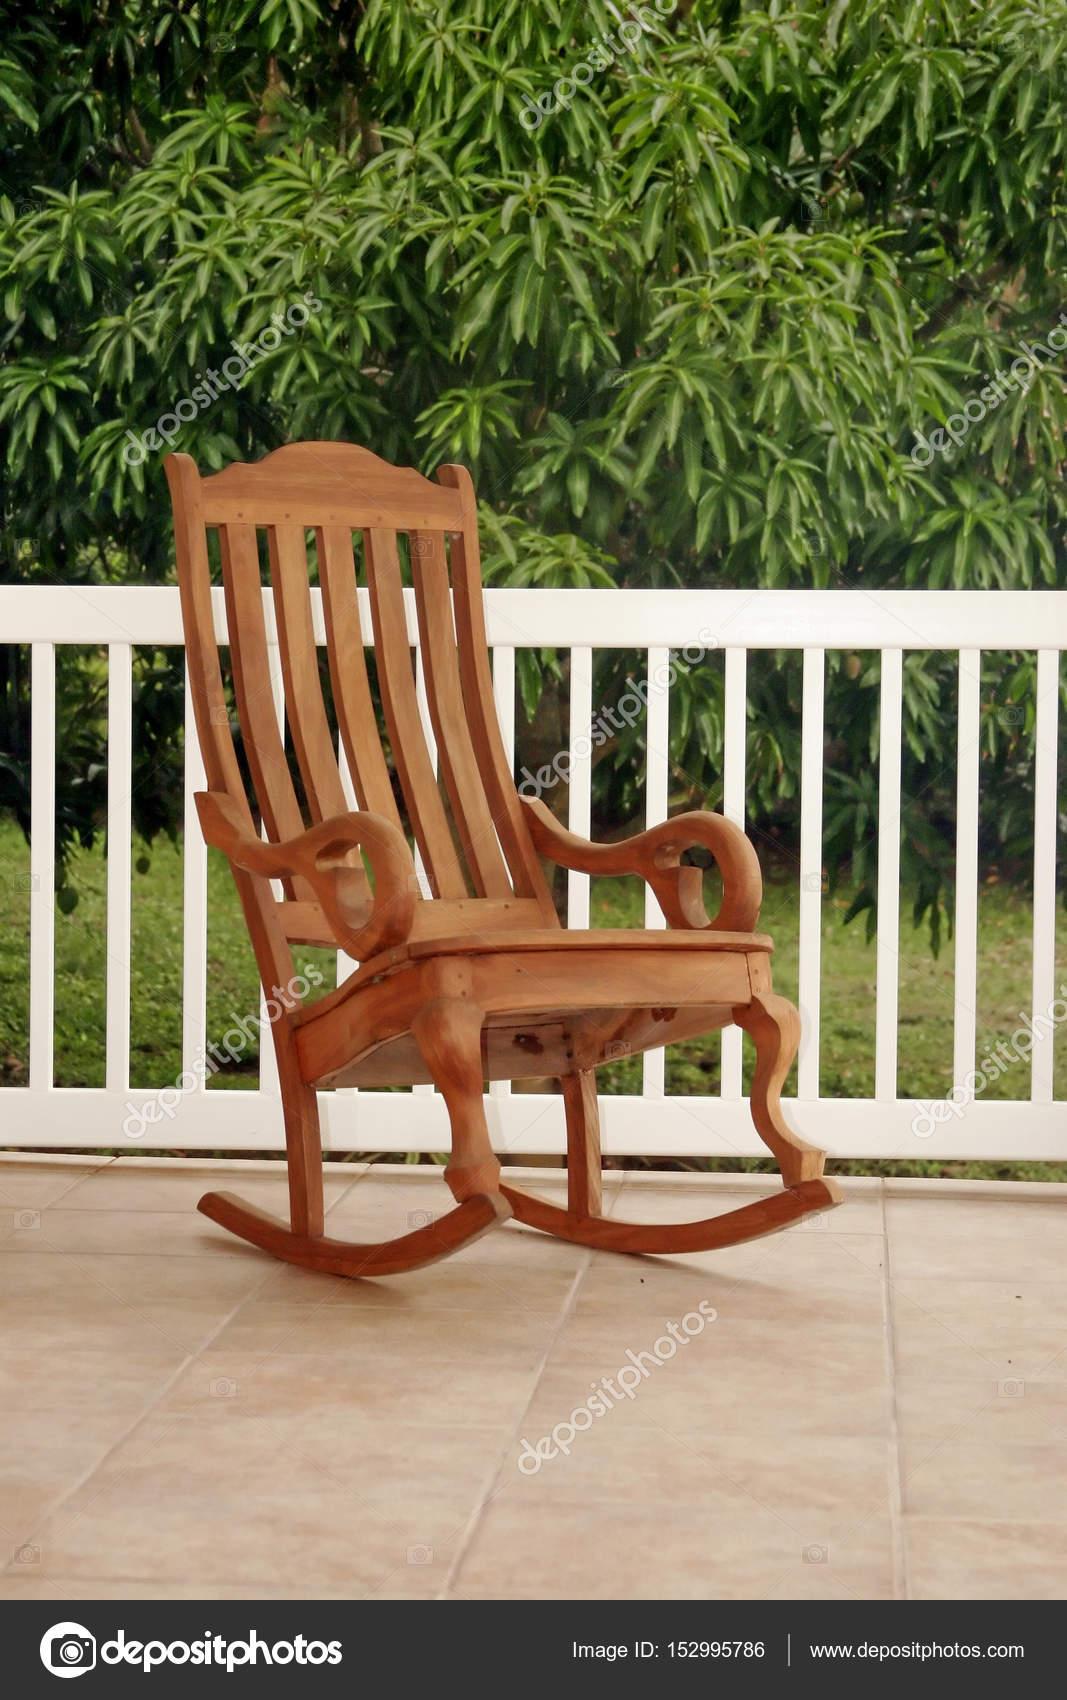 Sedia a dondolo in legno sul portico foto stock for Sedia a dondolo verde